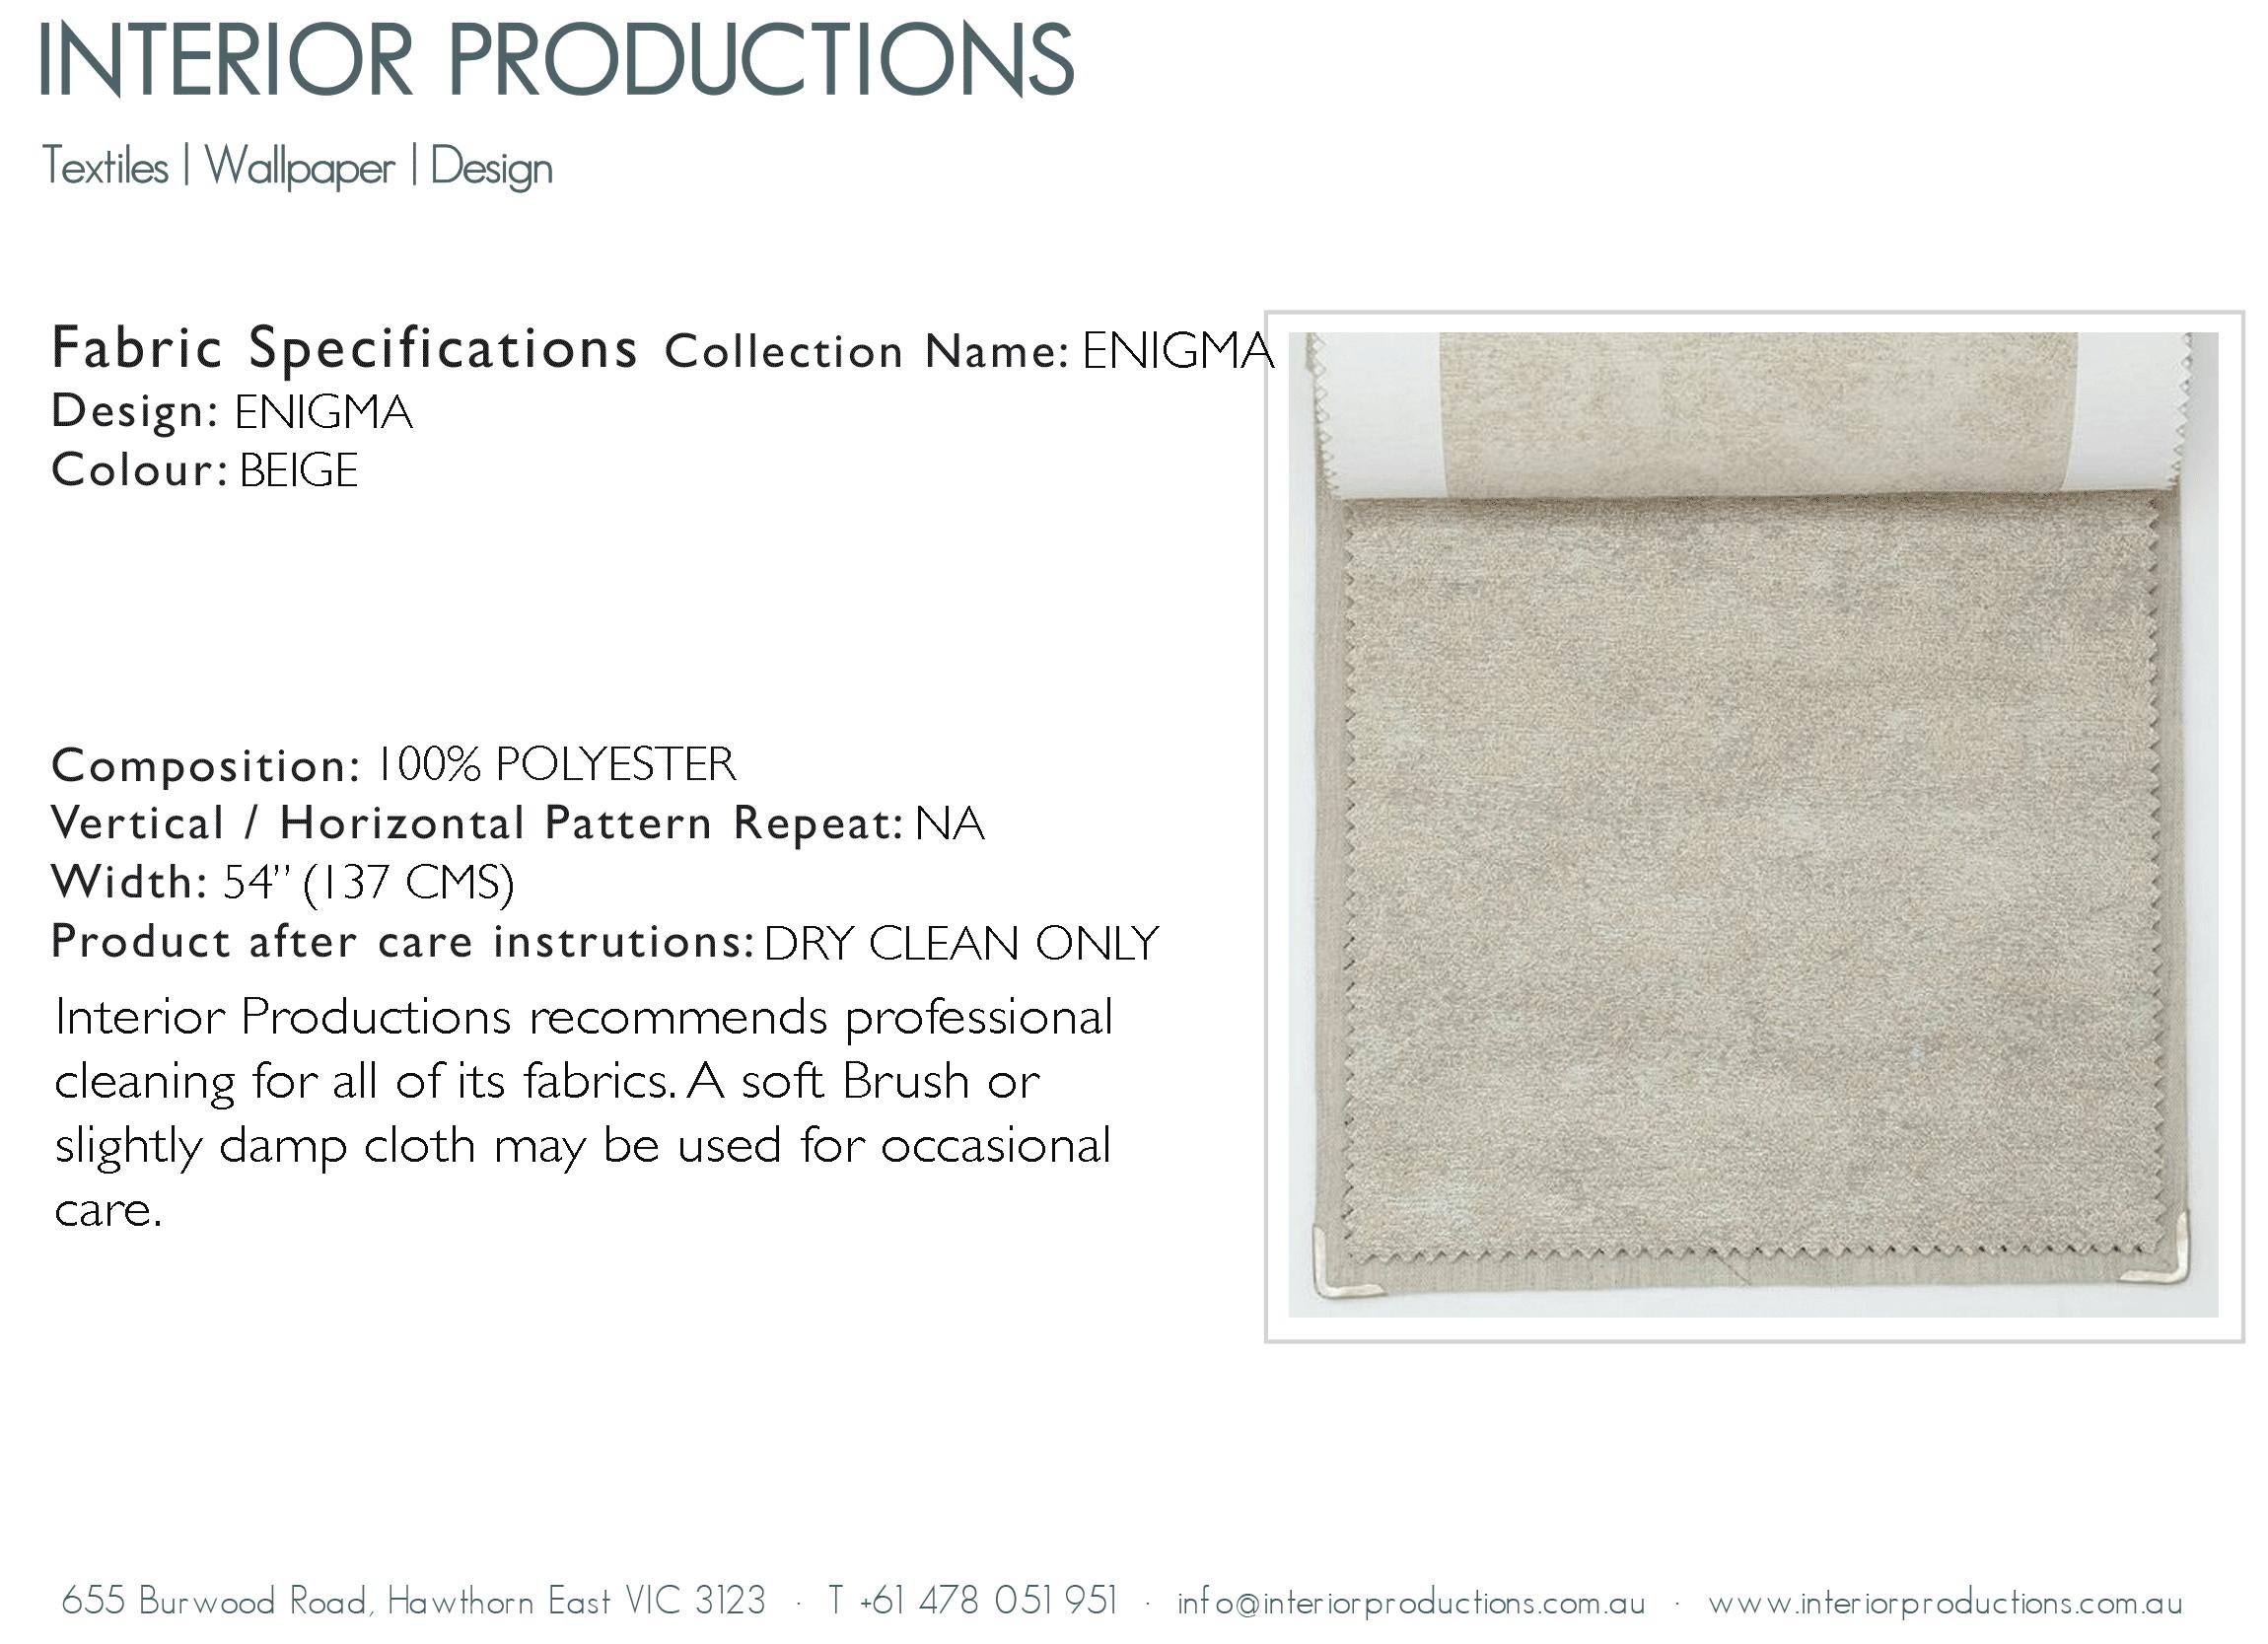 interior_productions_ENIGMA---BEIGE